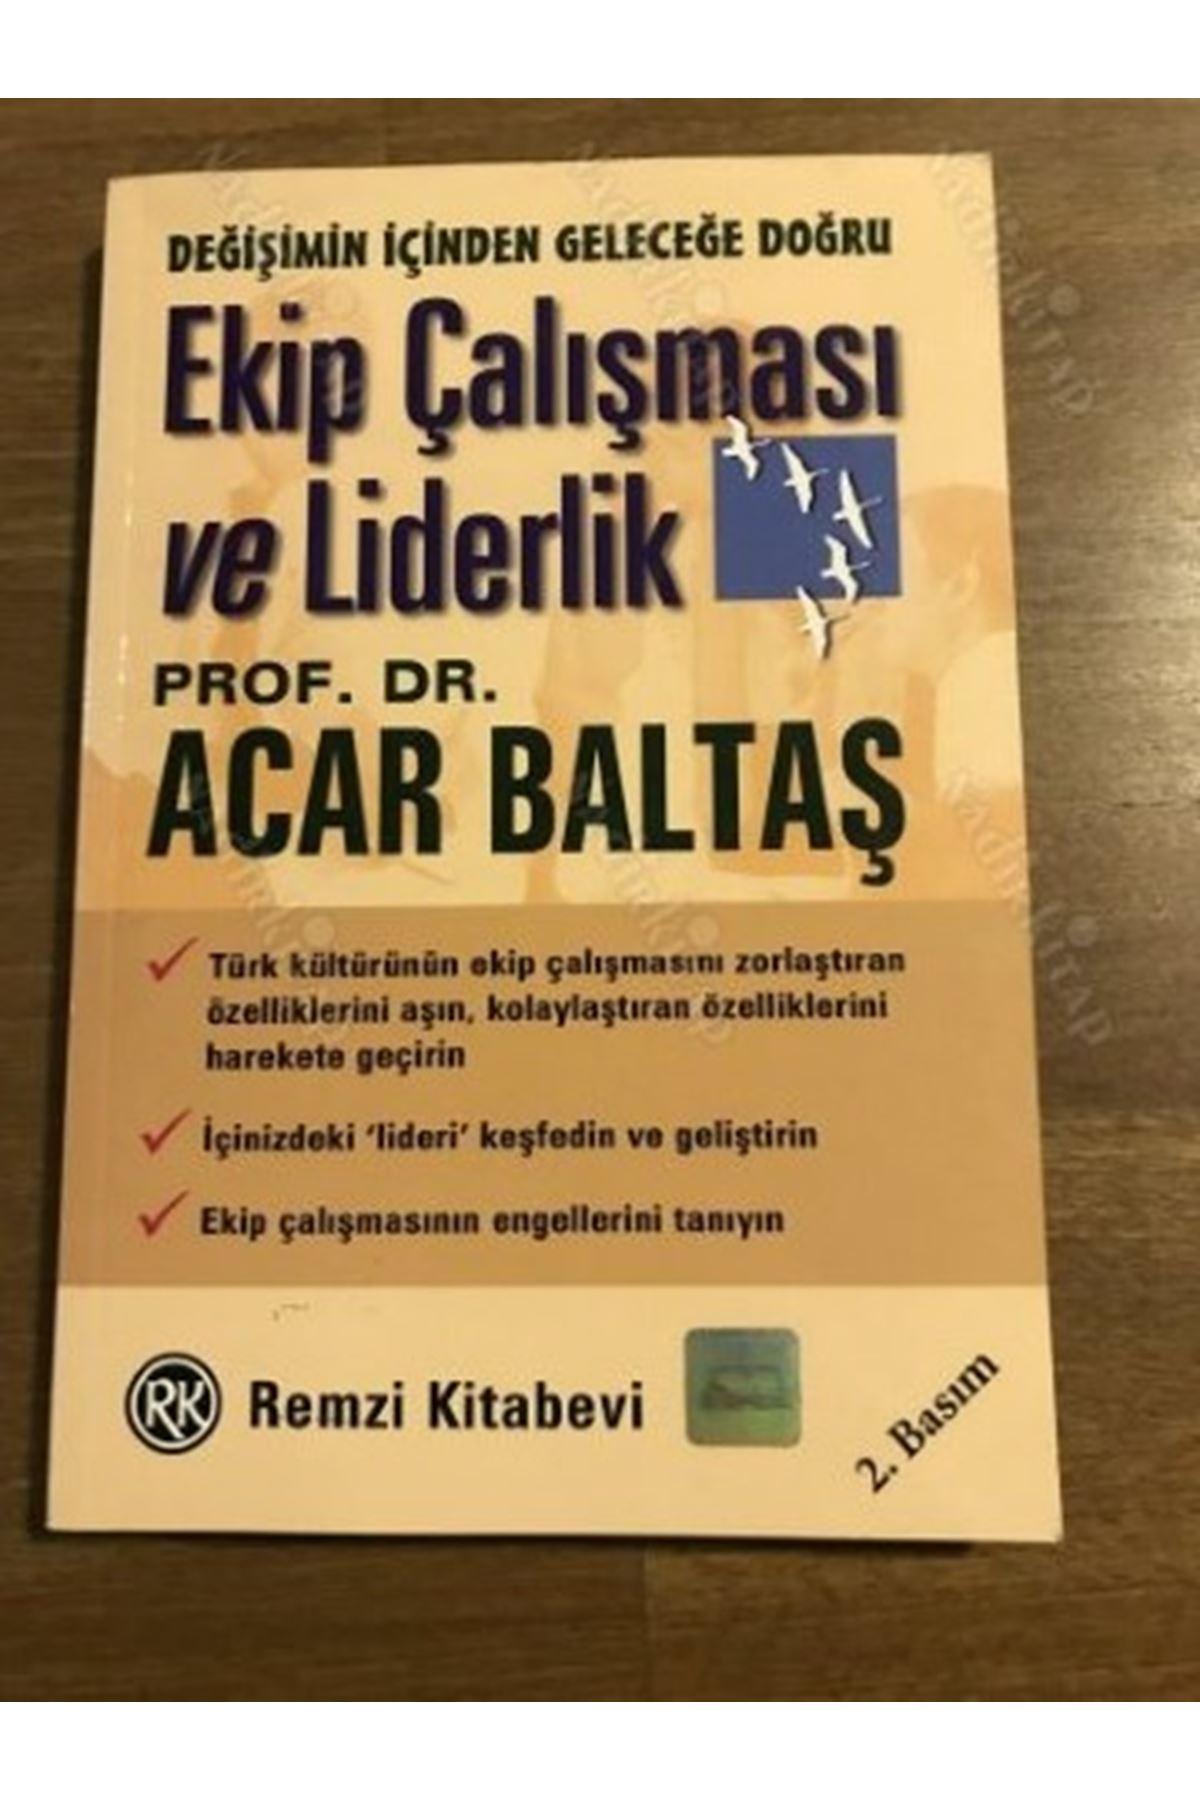 ACAR BALTAŞ - EKİP ÇALIŞMASI VE LİDERLİK